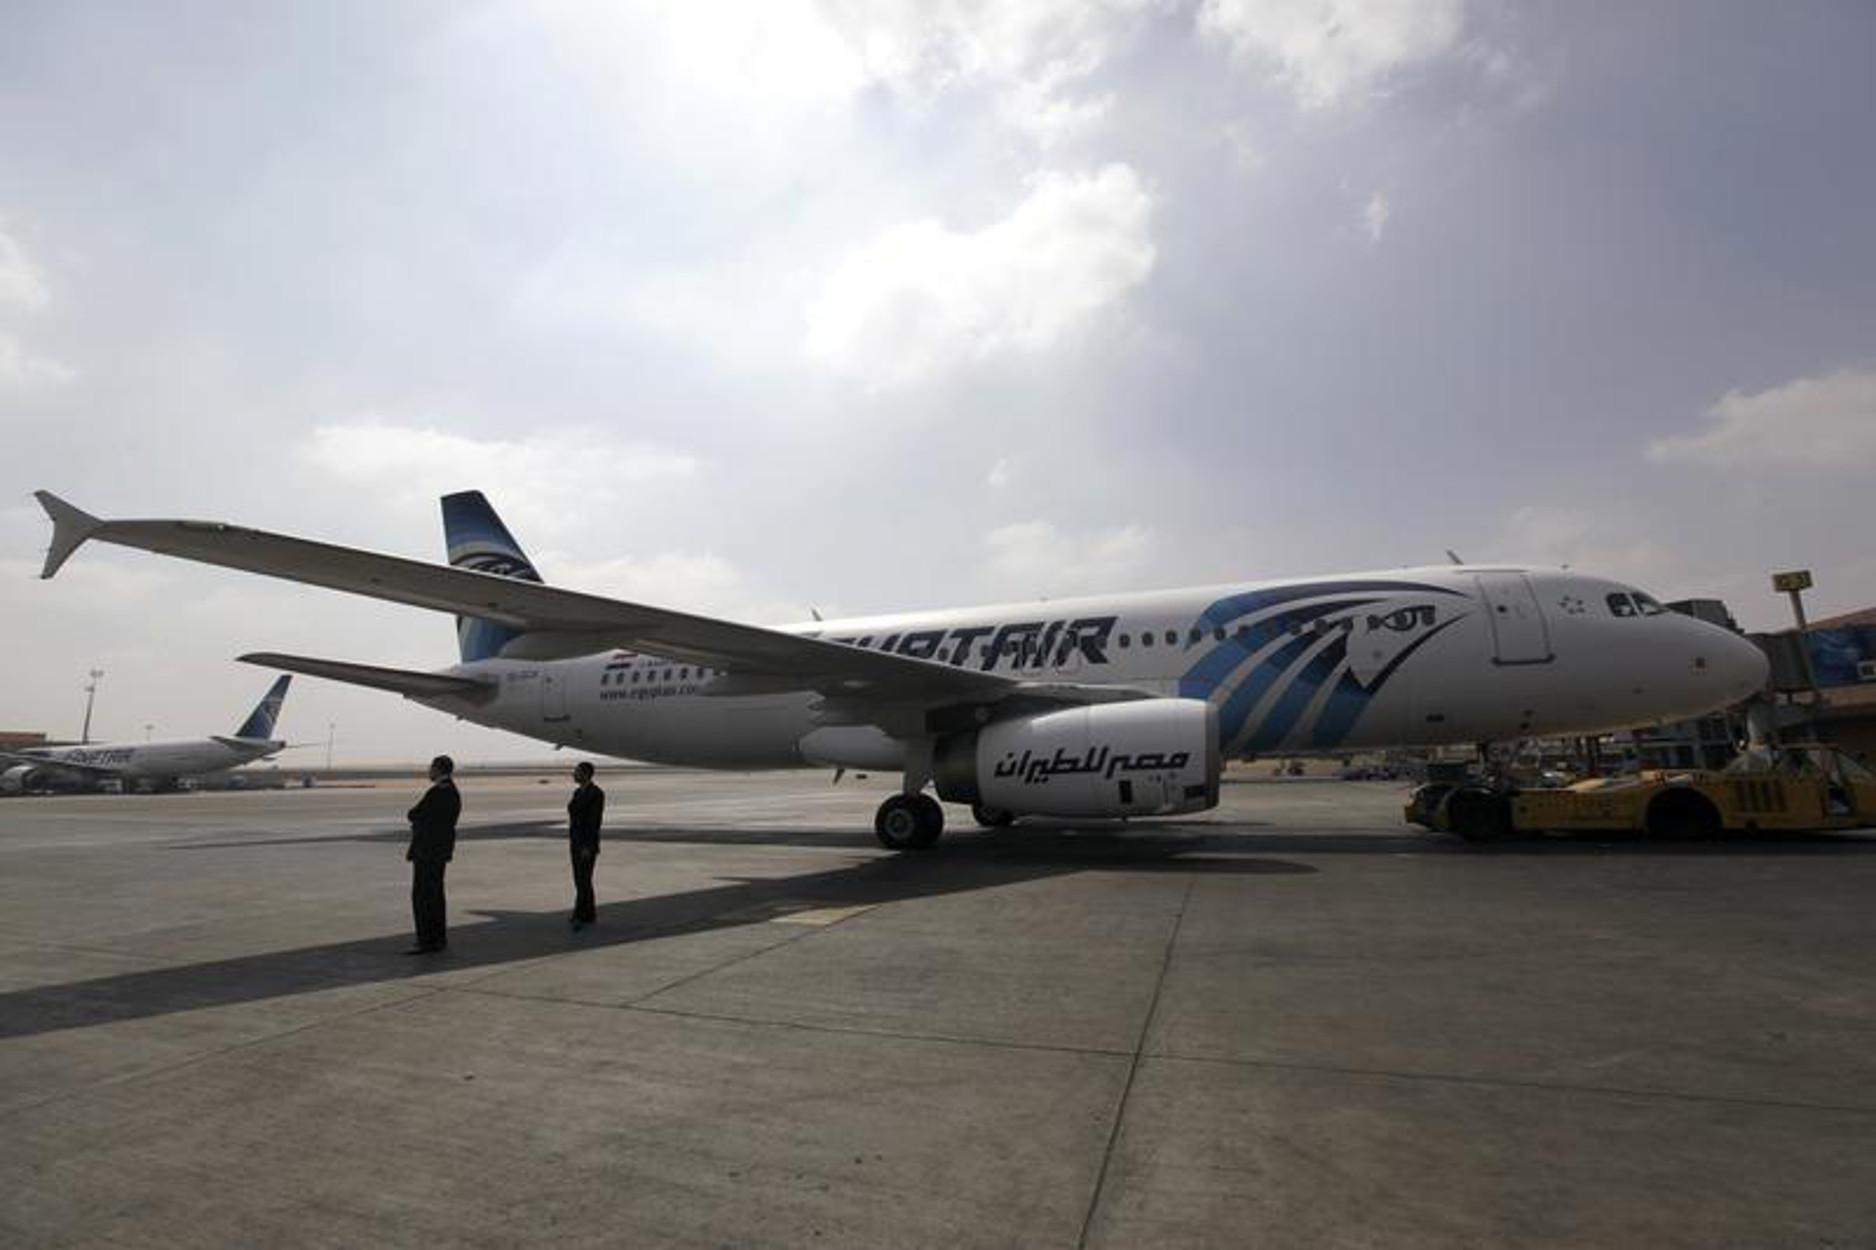 Ισραήλ: Πρώτη προσγείωση πτήσης της Egyptair μετά από 41 χρόνια – Εντυπωσιακή υποδοχή